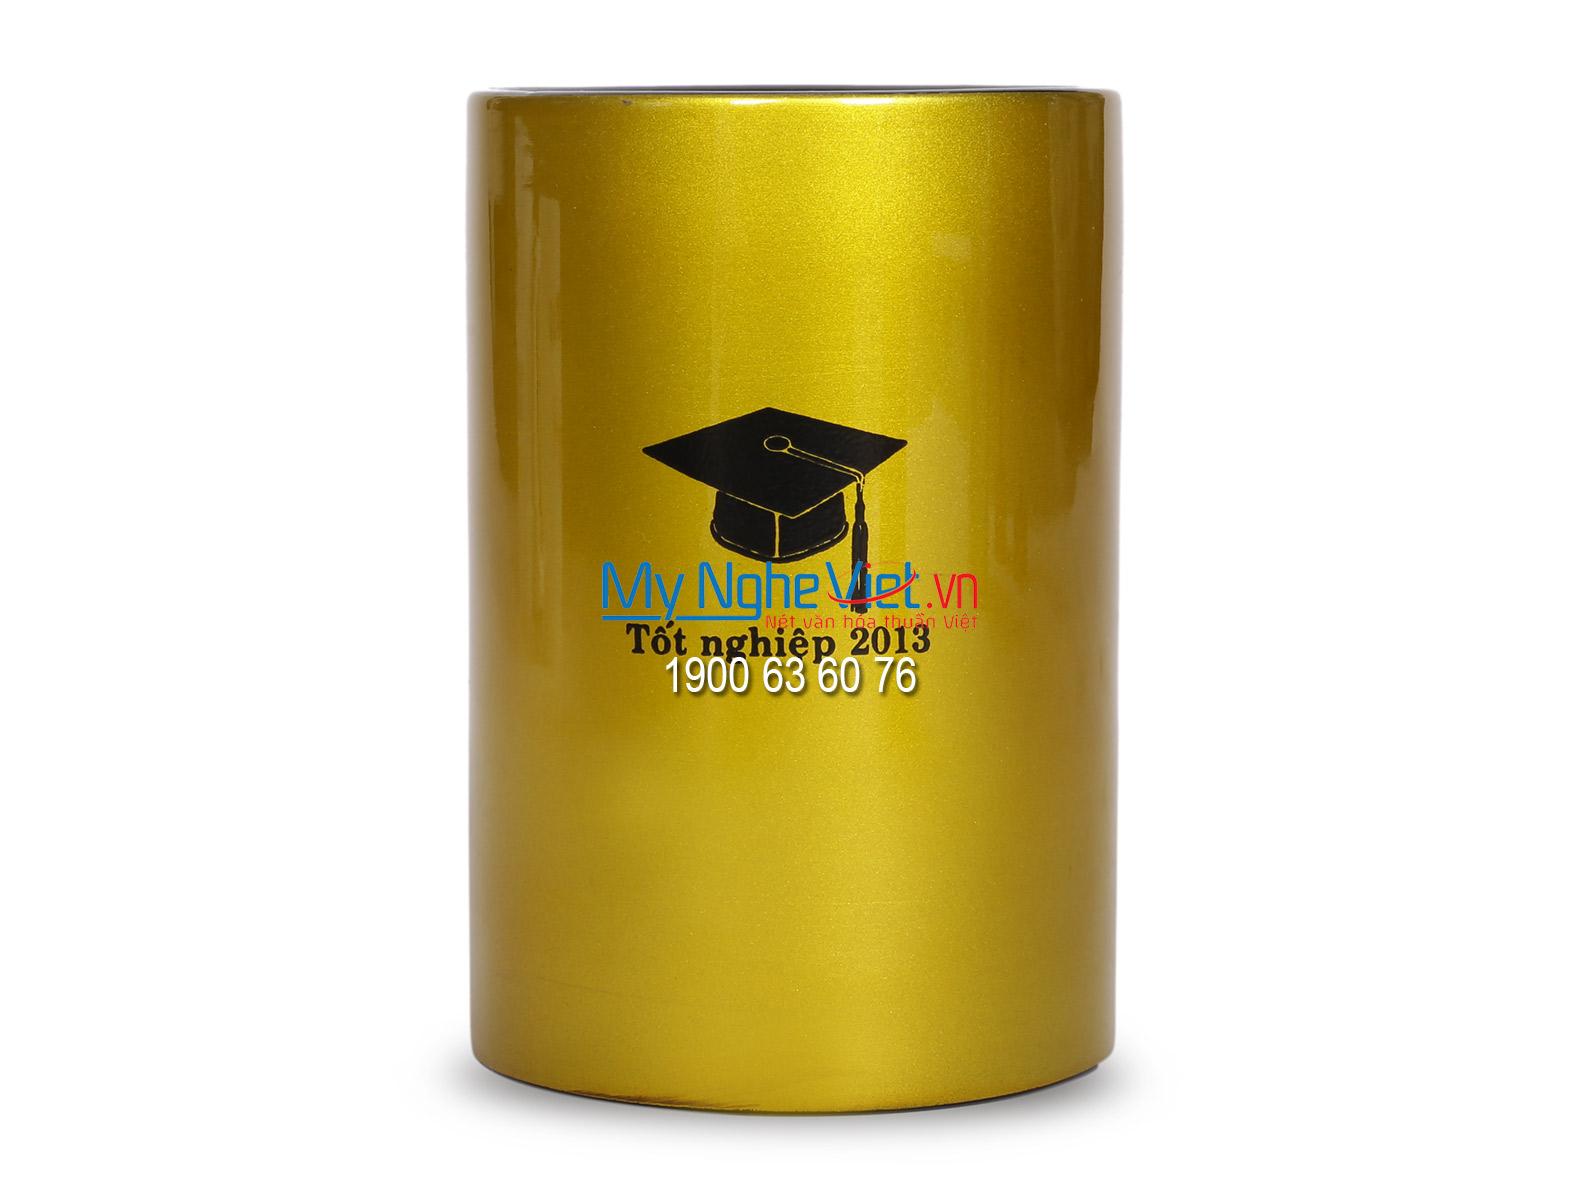 Hộp cắm bút sơn mài tốt nghiệp QTN33